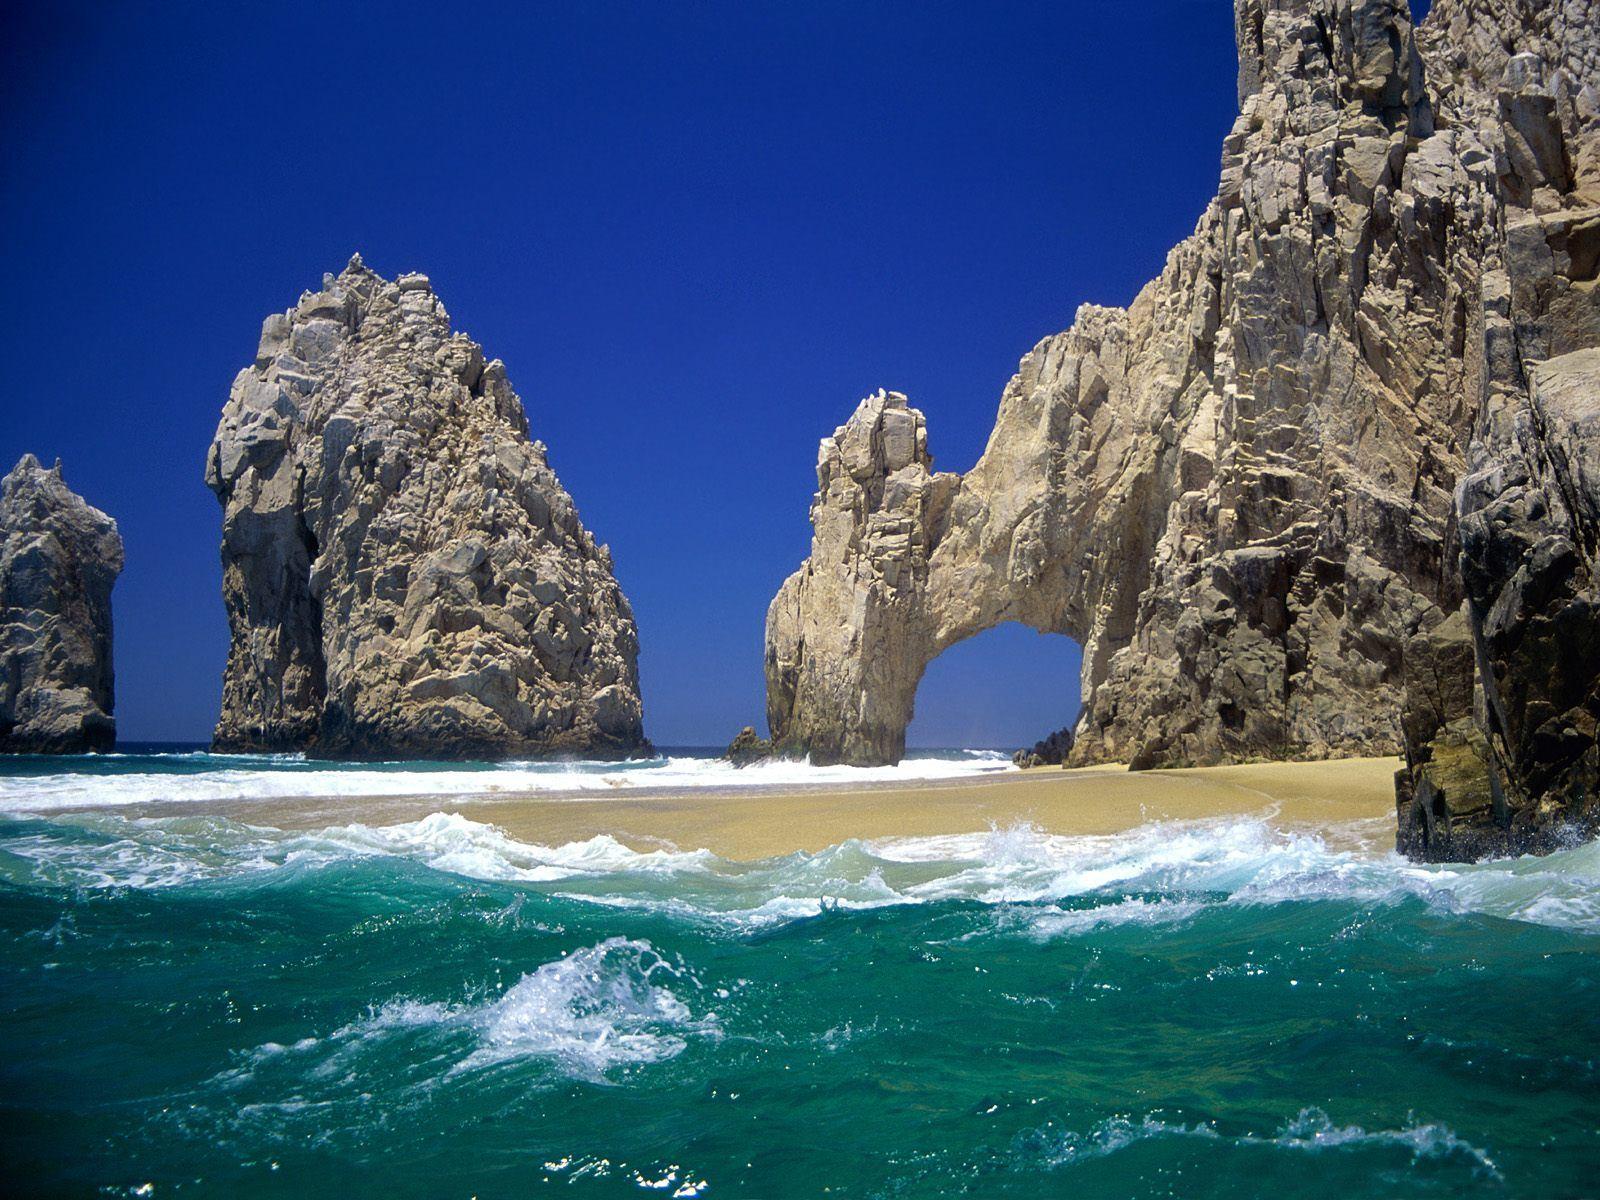 Что нужно знать для отдыха в Мексике - полезные советы туристам